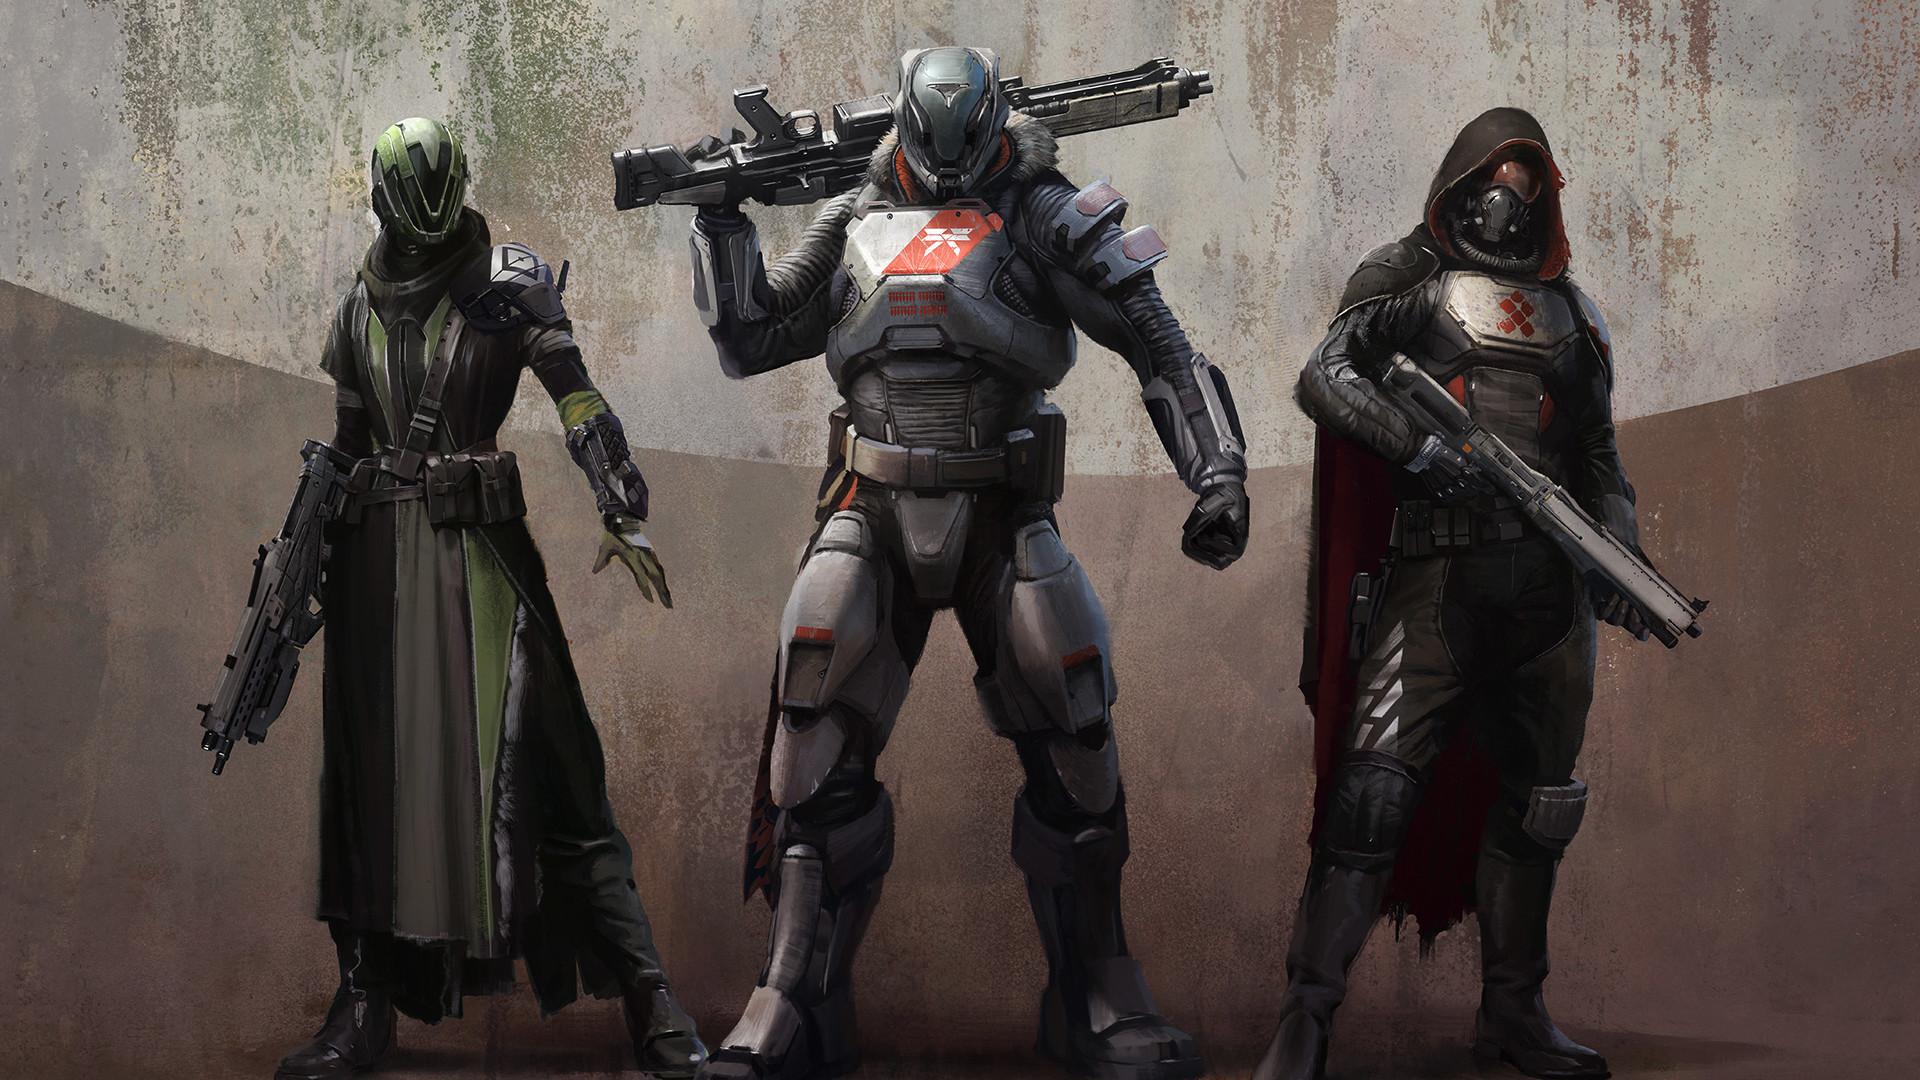 Destiny Warlock Wallpaper. Destiny Game Classes